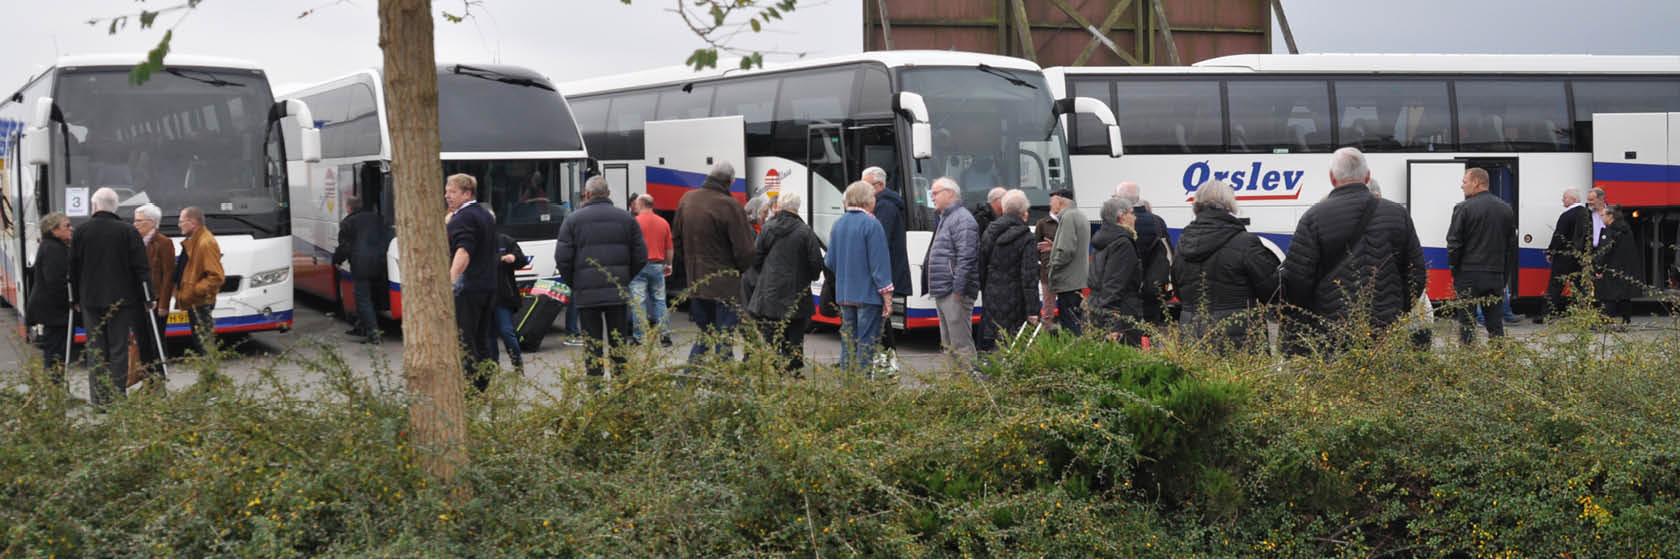 Opsamlingruter til busrejser